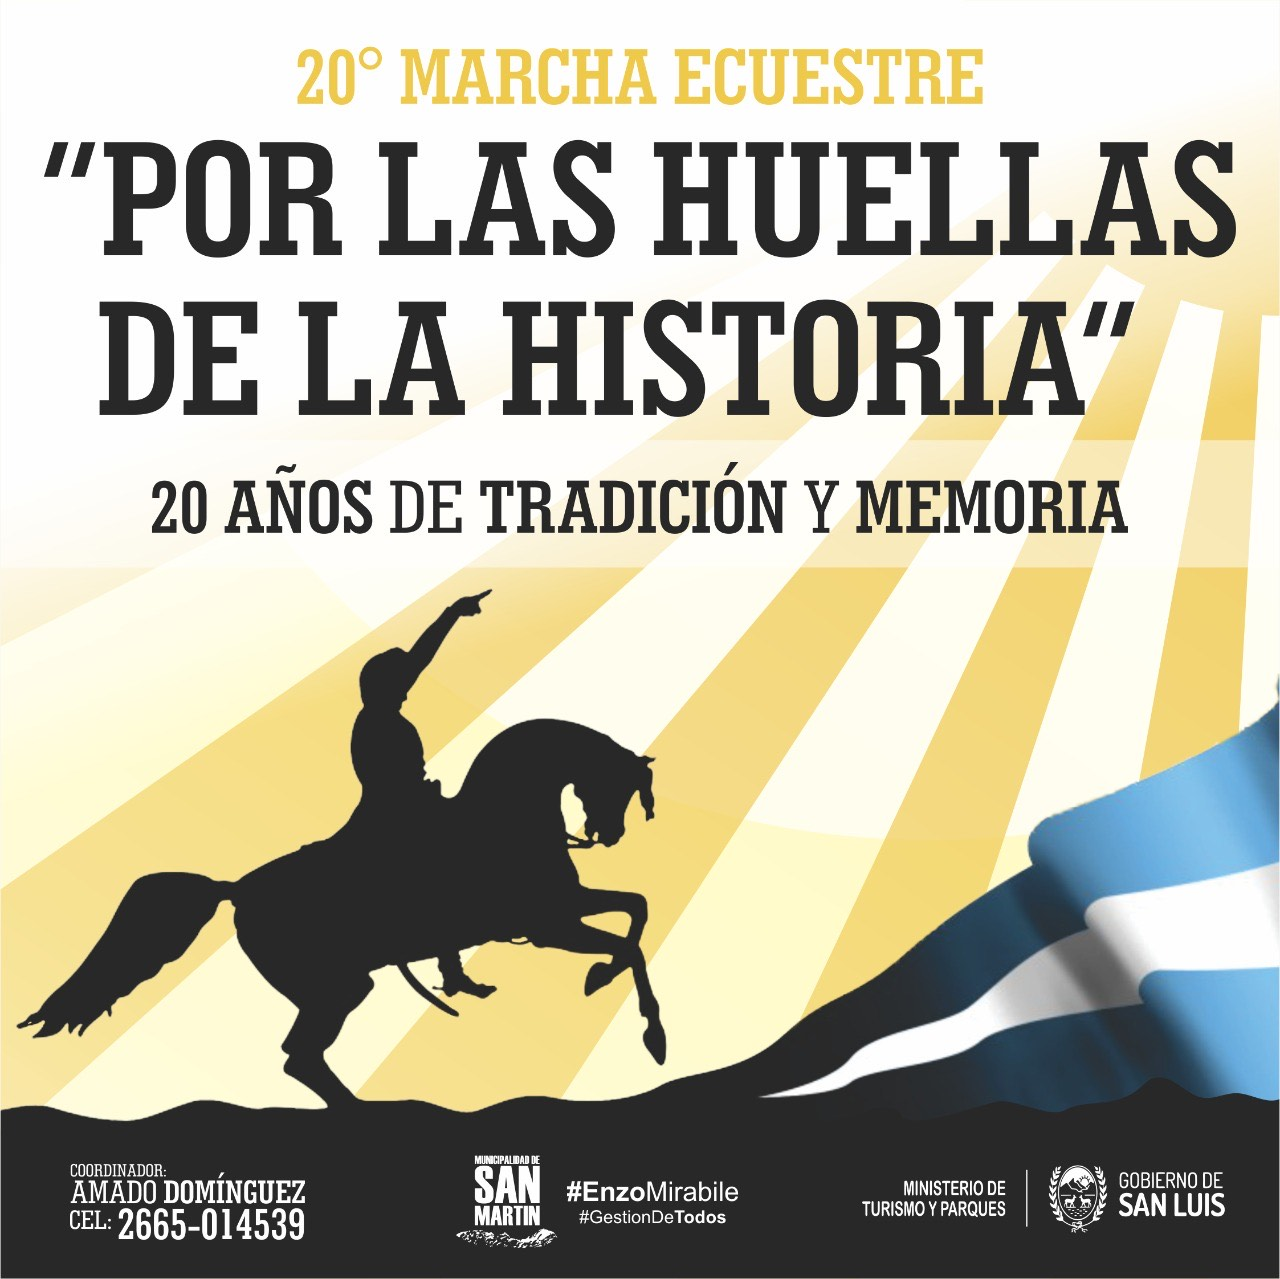 """La 20ª marcha ecuestre """"Por las huellas de la historia"""" llega al Monumento de Las Chacras"""